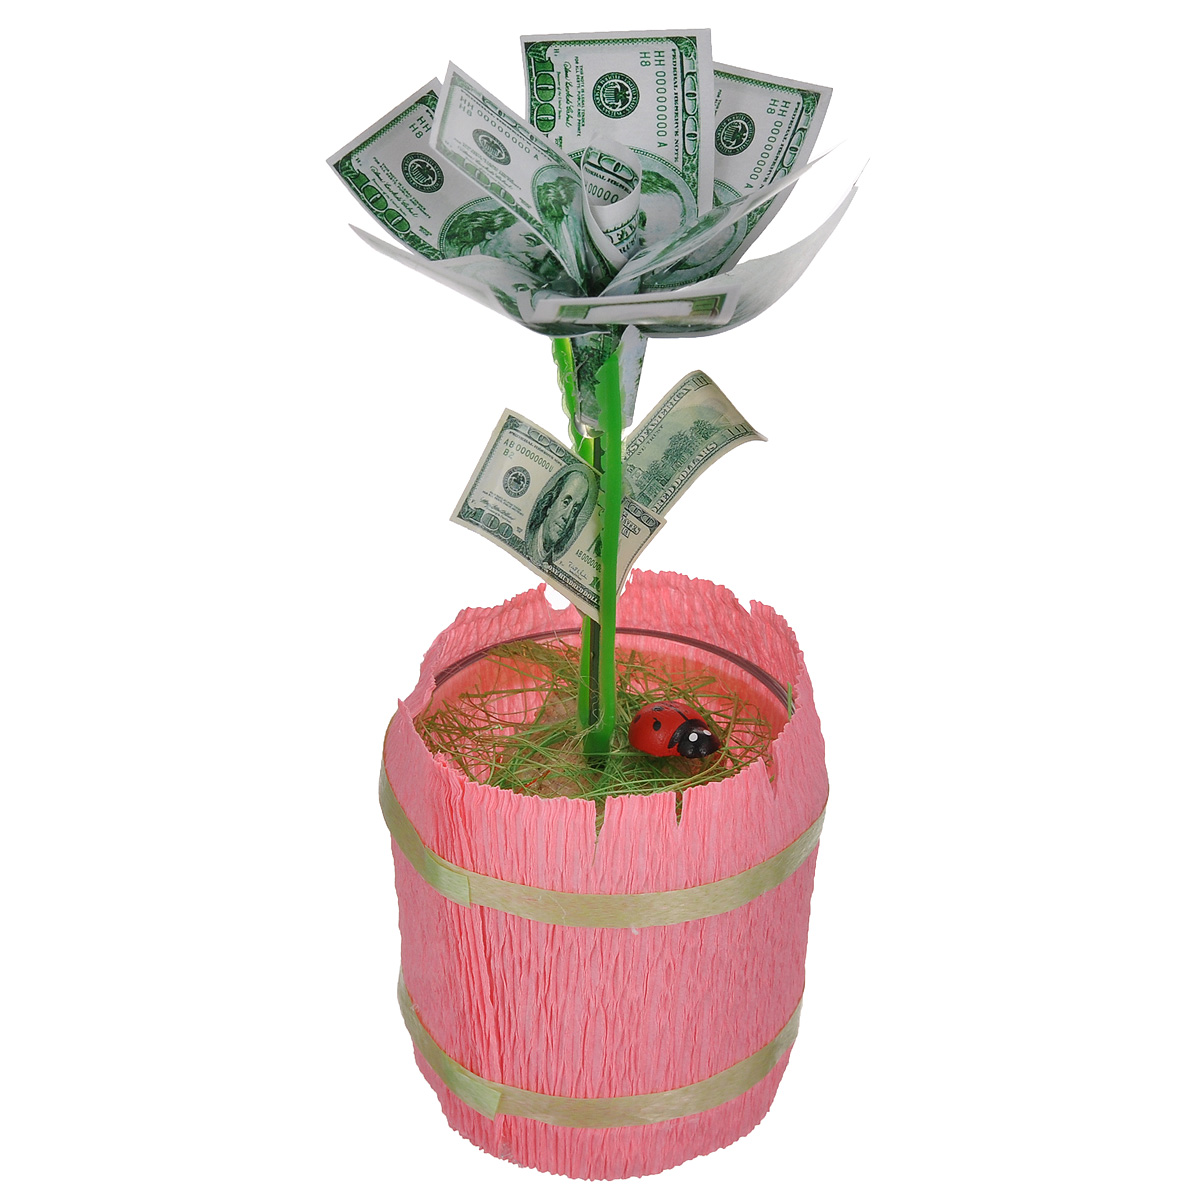 Денежный цветок Расцвет бизнеса. Доллары, цвет: розовый, зеленый, белый90408Настольная композиция Расцвет бизнеса. Доллары выполнена в виде симпатичного денежного цветка. На пластиковый стебель цветка насажены миниатюрные купюры достоинством в 100 долларов. Цветок закреплен в стеклянном стакане-горшочке, оформленном гофрированной бумагой. У основания цветка расположена забавная божья коровка.Такой симпатичный денежный цветок будет отличным подарком к любому случаю! Высота цветка: 14 см. Диаметр цветка: 6 см.